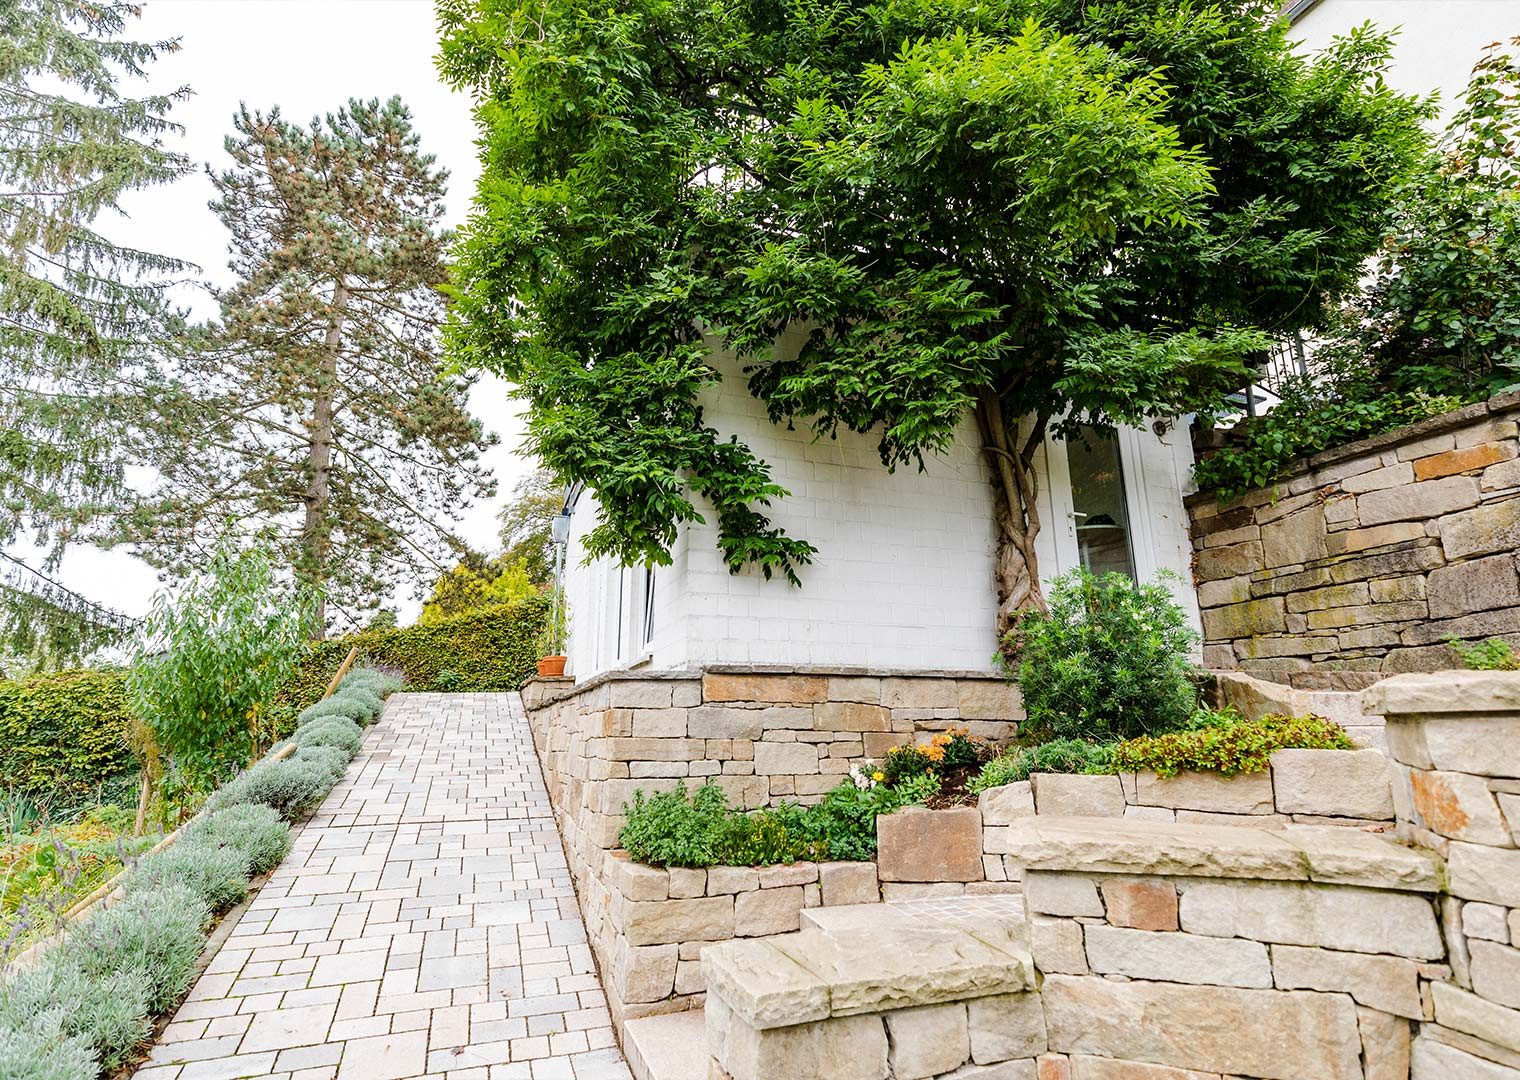 Link zur Bilddatei: menke_galabau_bochum_referenzen_privatgarten_am_hang_galeriebild_gartenhaus